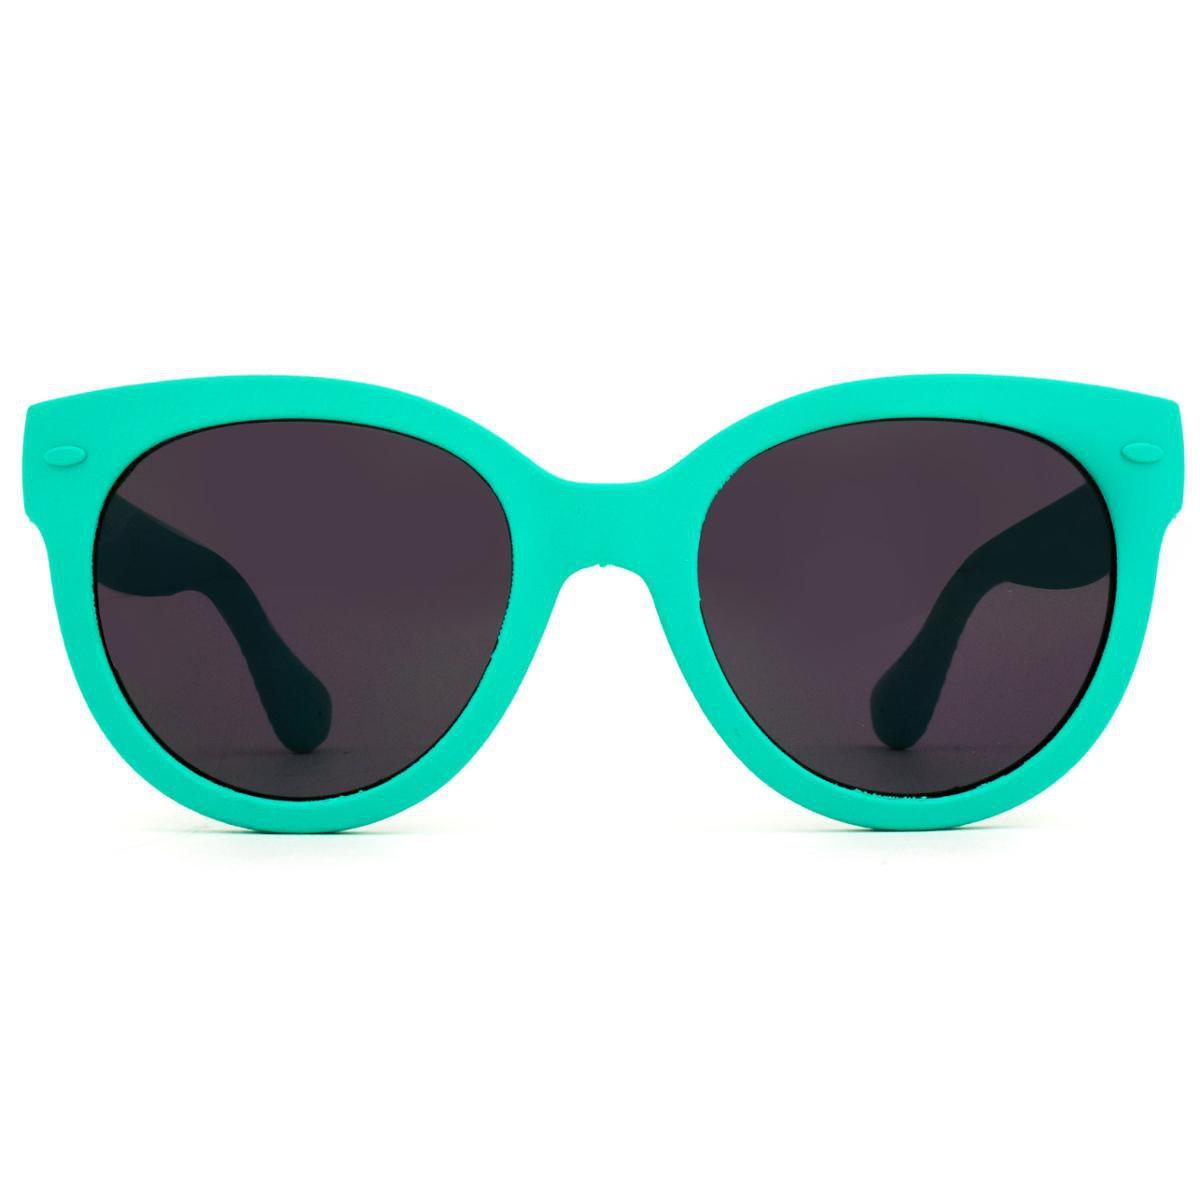 8d62201face11 Óculos Havaianas Noronha S QPPY1 47 - Compre Agora   Netshoes